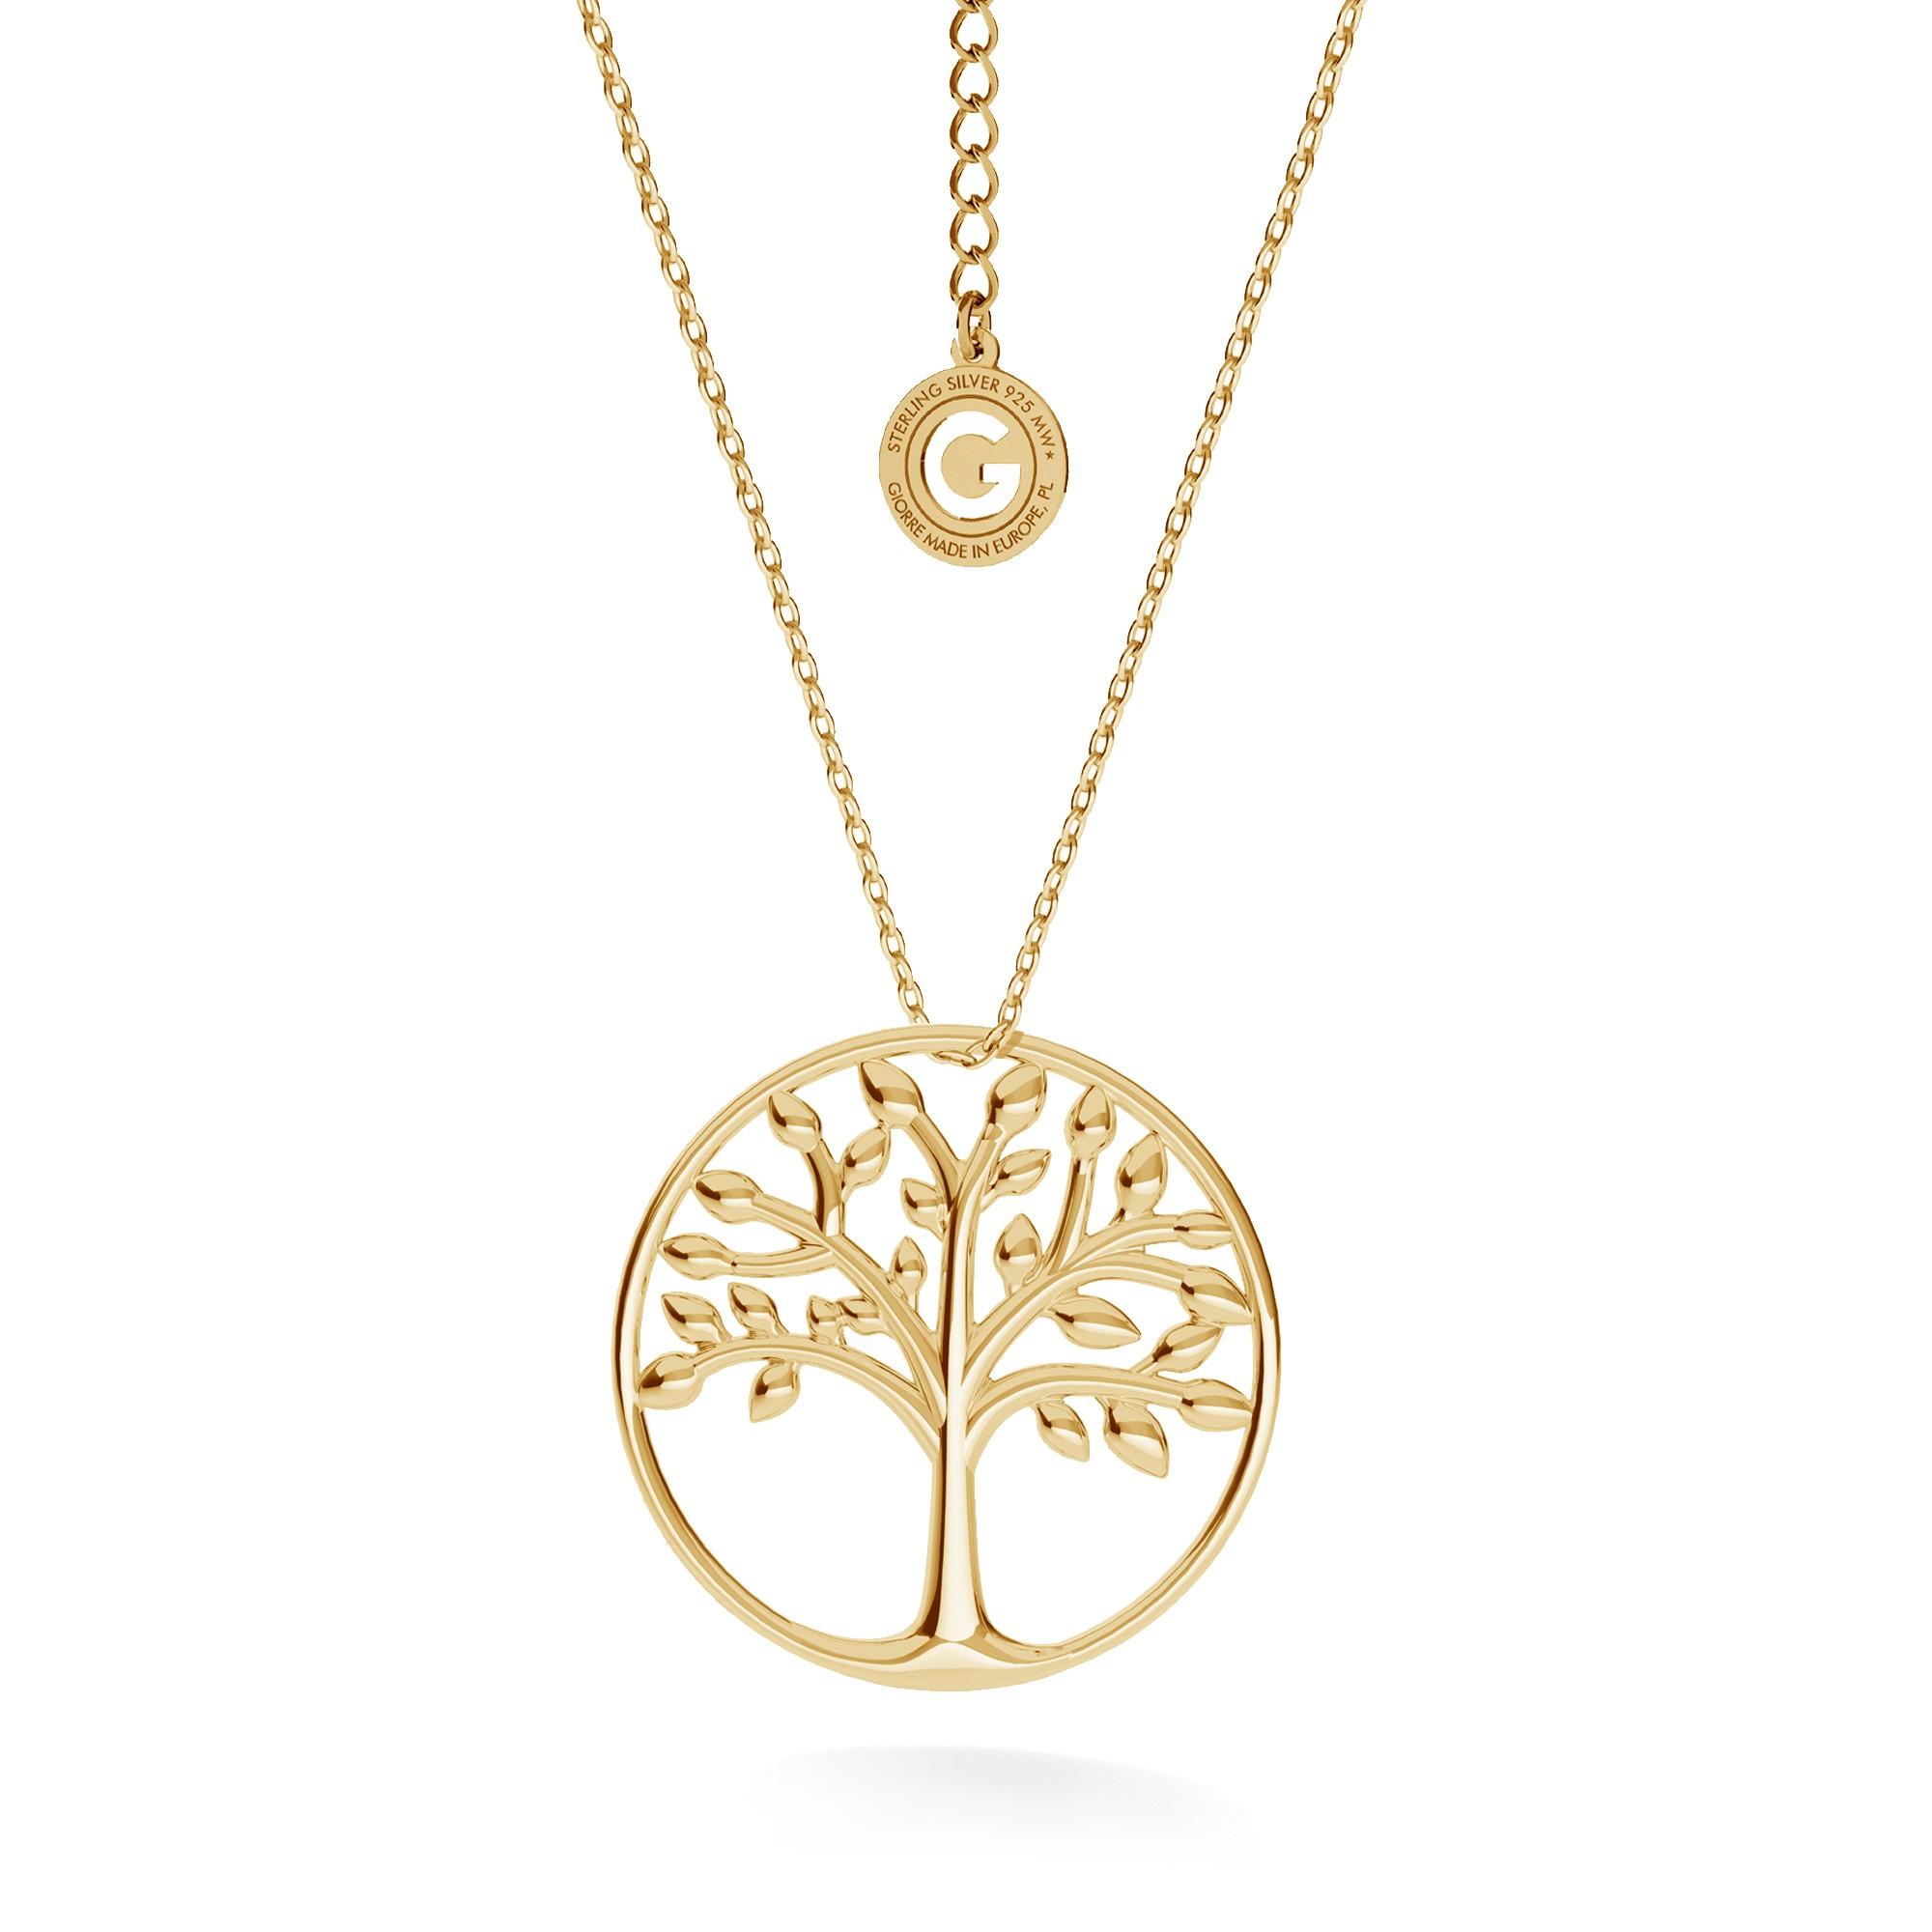 Srebrny naszyjnik drzewo szczęścia w okręgu, srebro 925